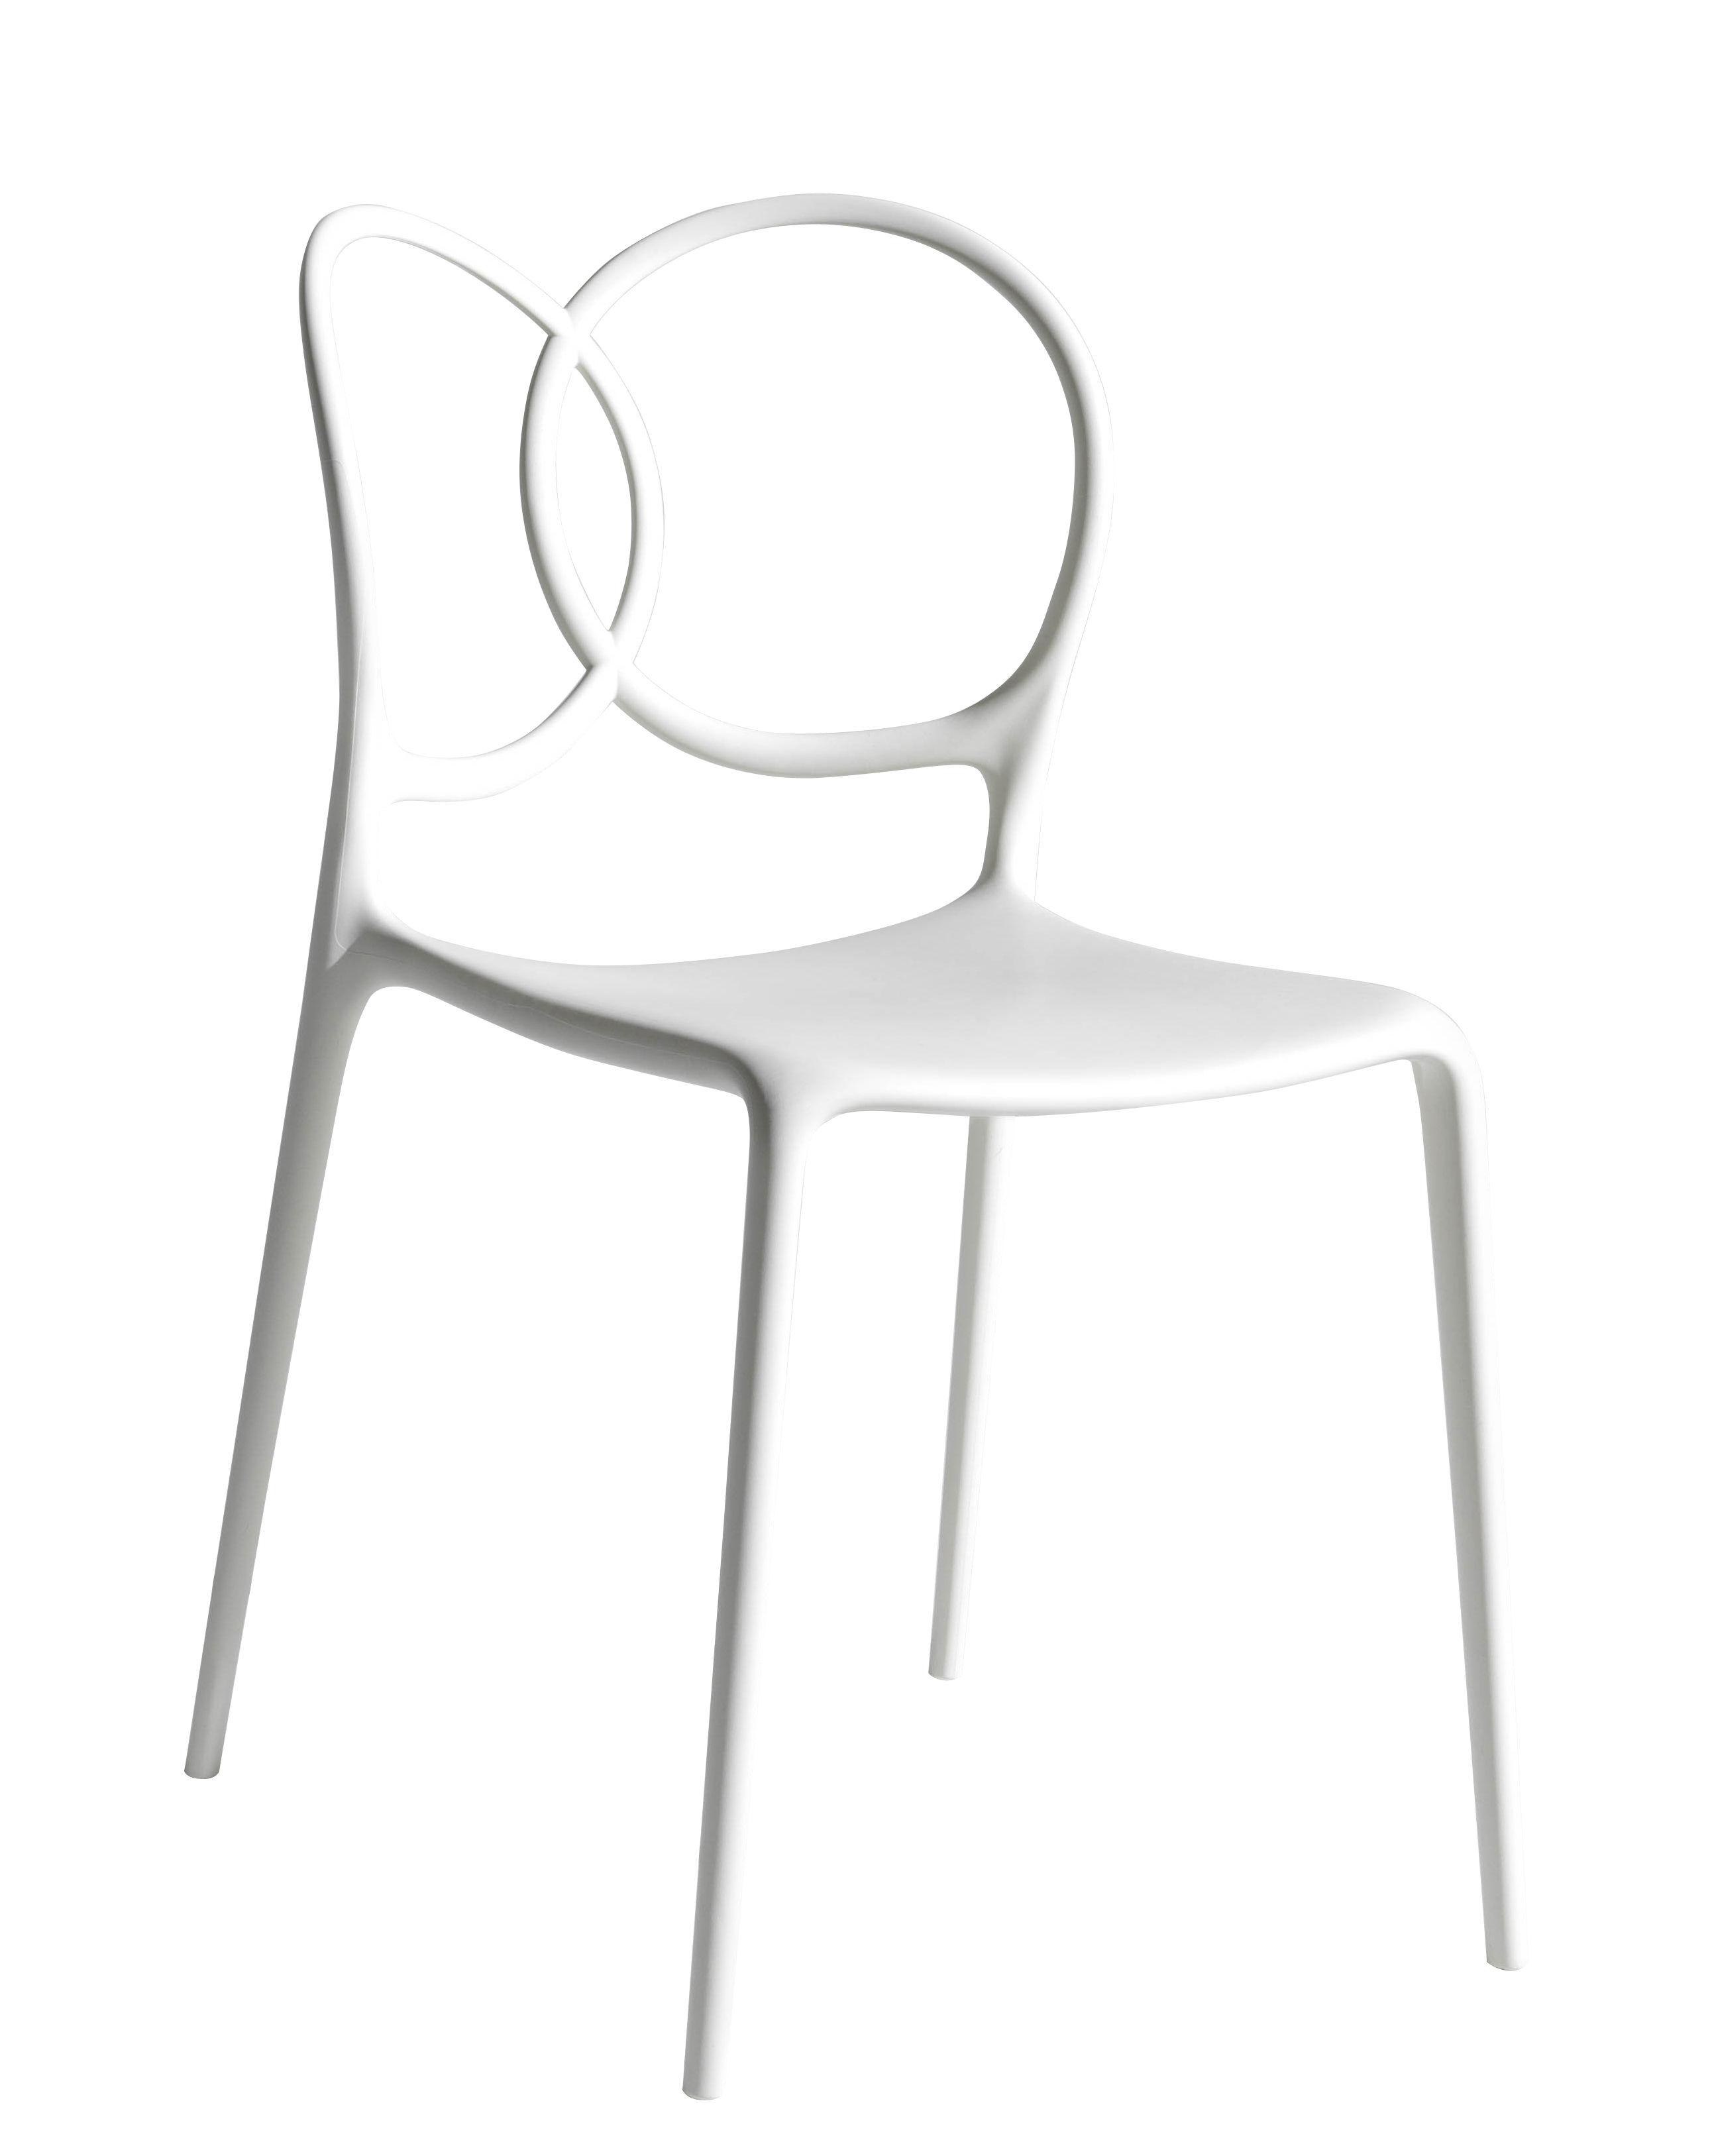 Mobilier - Chaises, fauteuils de salle à manger - Chaise empilable Sissi Outdoor - Driade - Blanc - Fibre de verre, Polyéthylène, Polypropylène